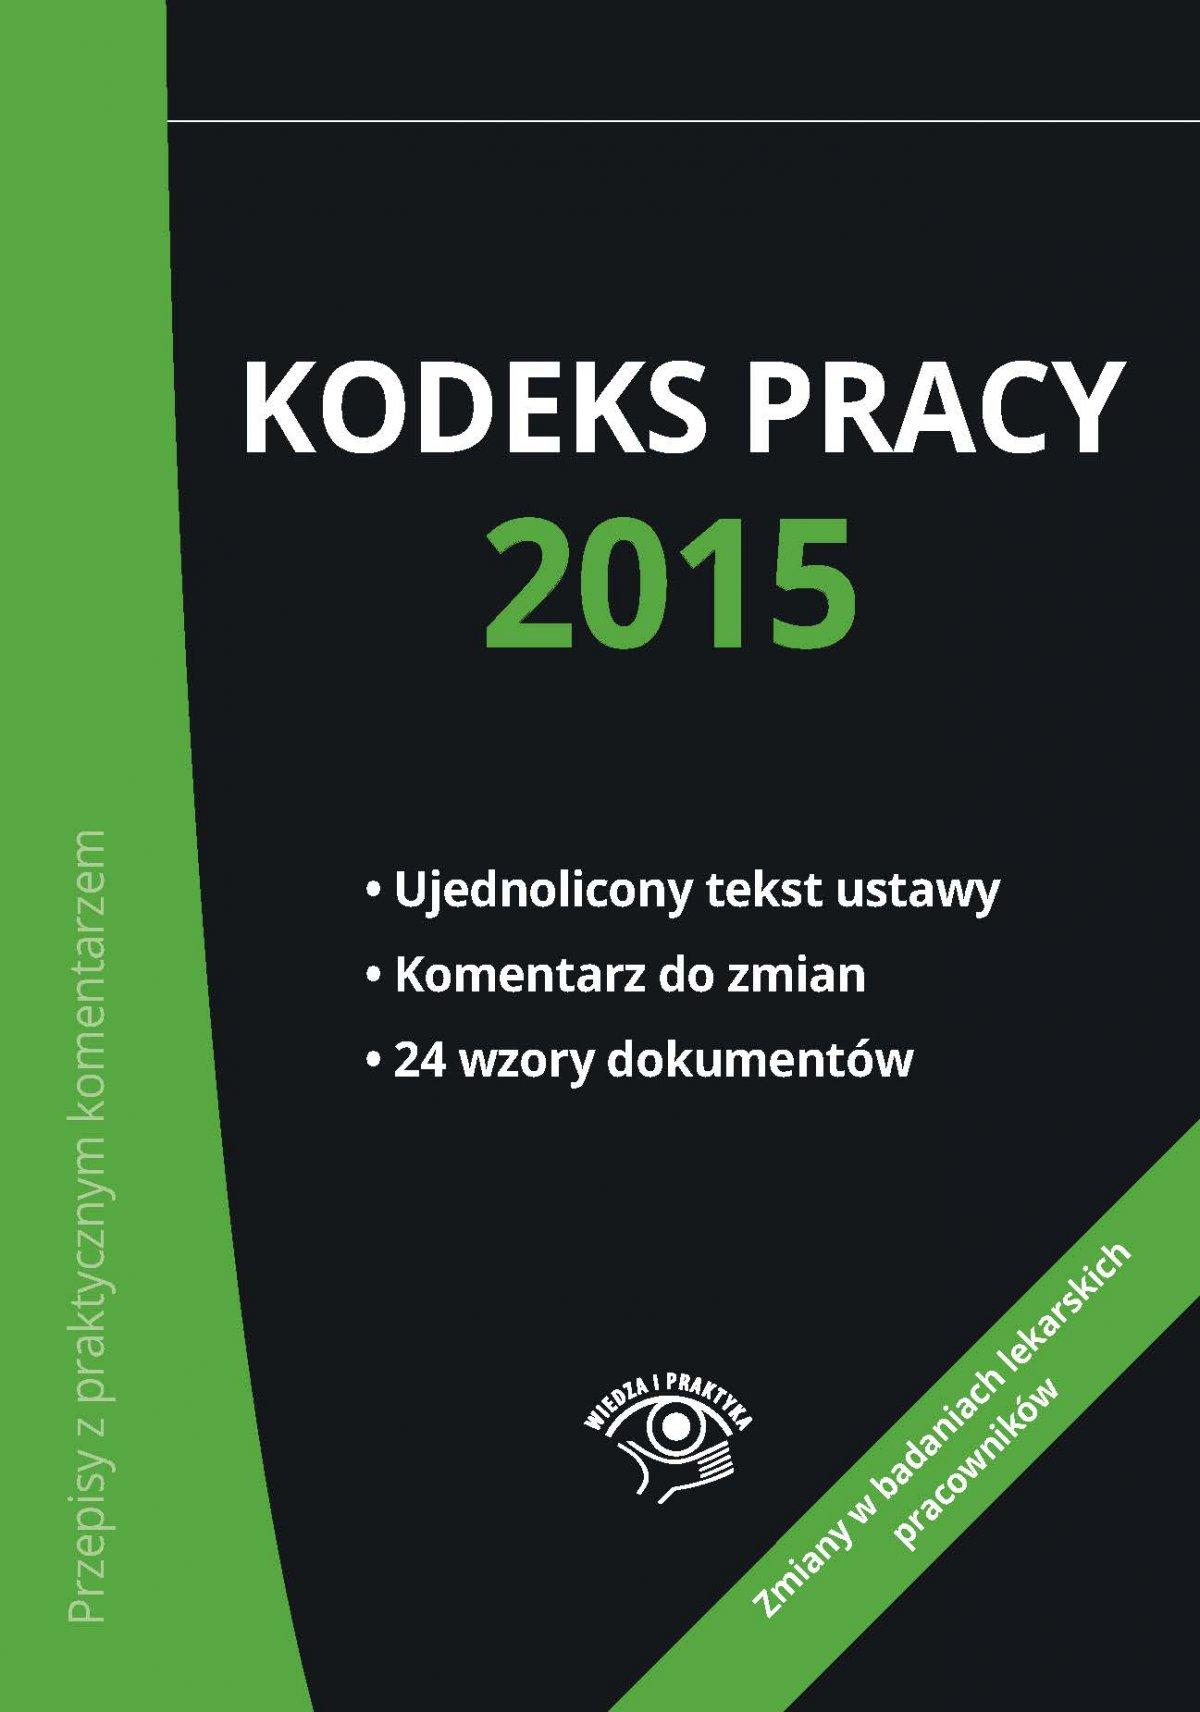 Kodeks pracy 2015 - nowe wydanie - Ebook (Książka EPUB) do pobrania w formacie EPUB